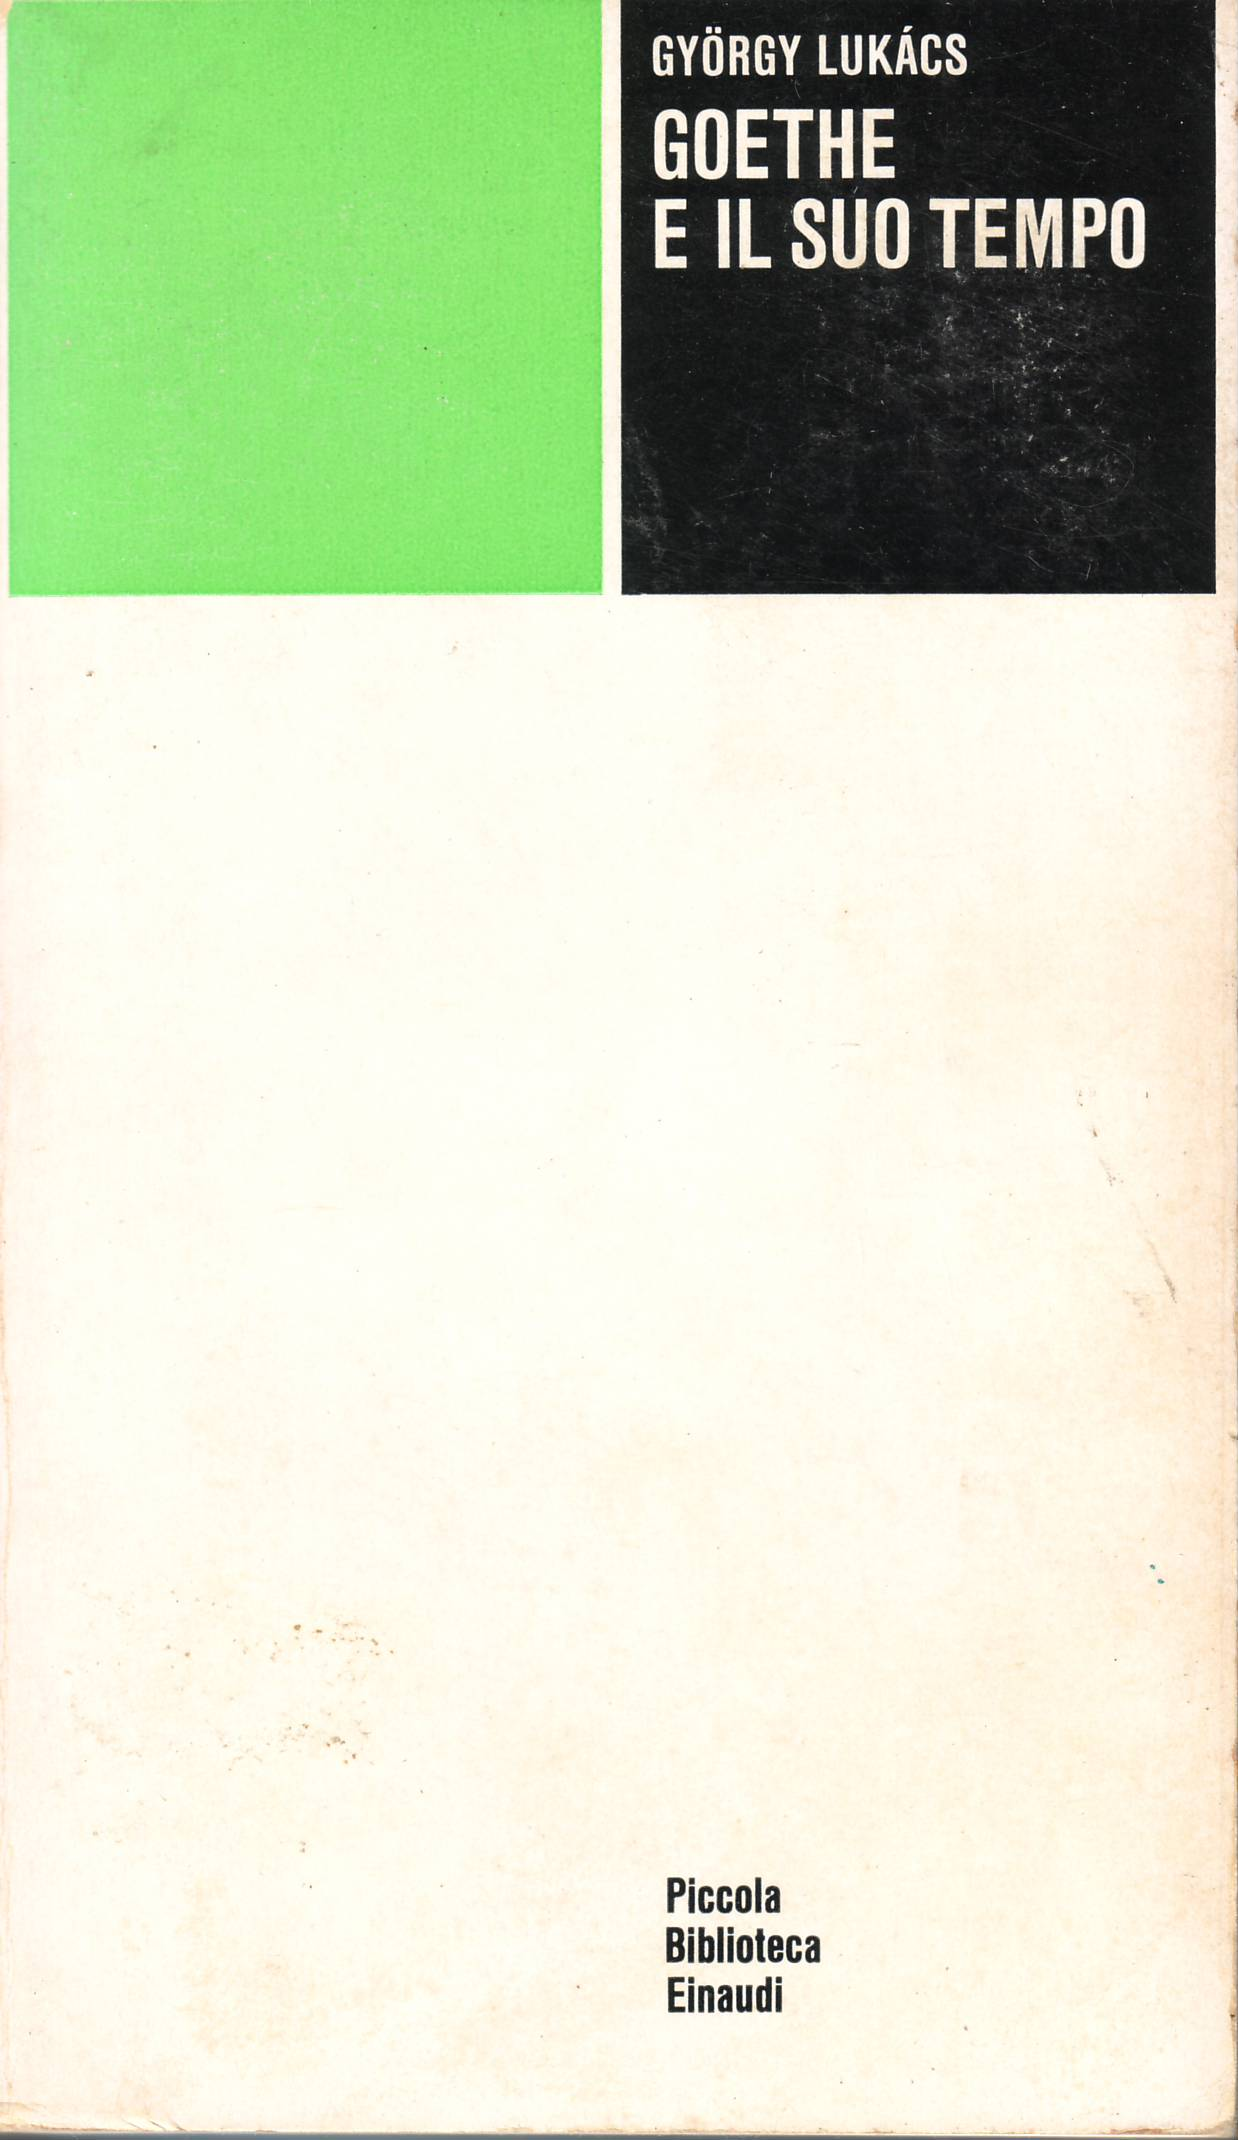 Image of Goethe e il suo tempo